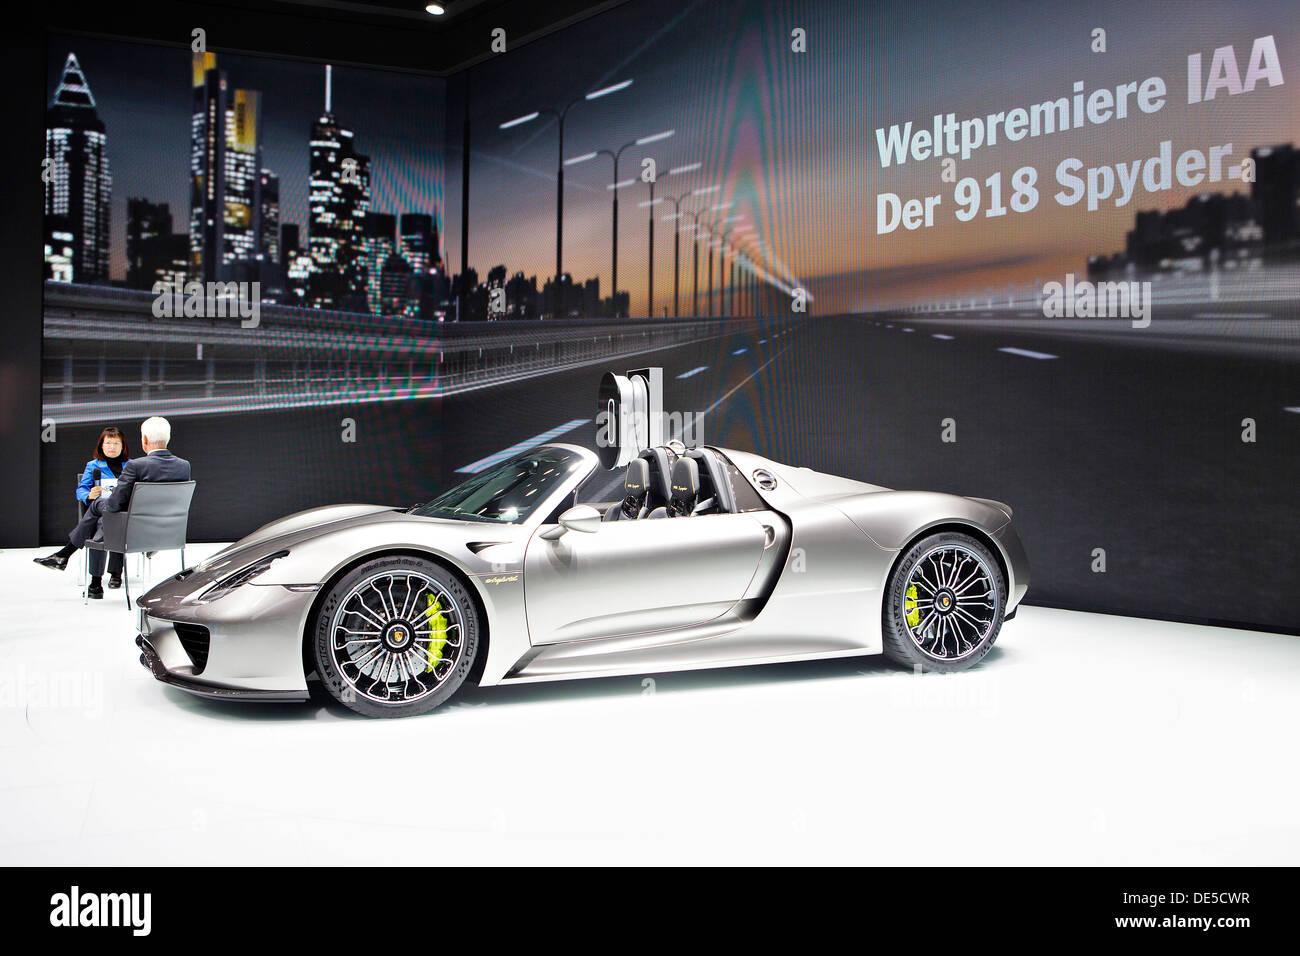 Porsche 918 Spyder shown in Frankfurt